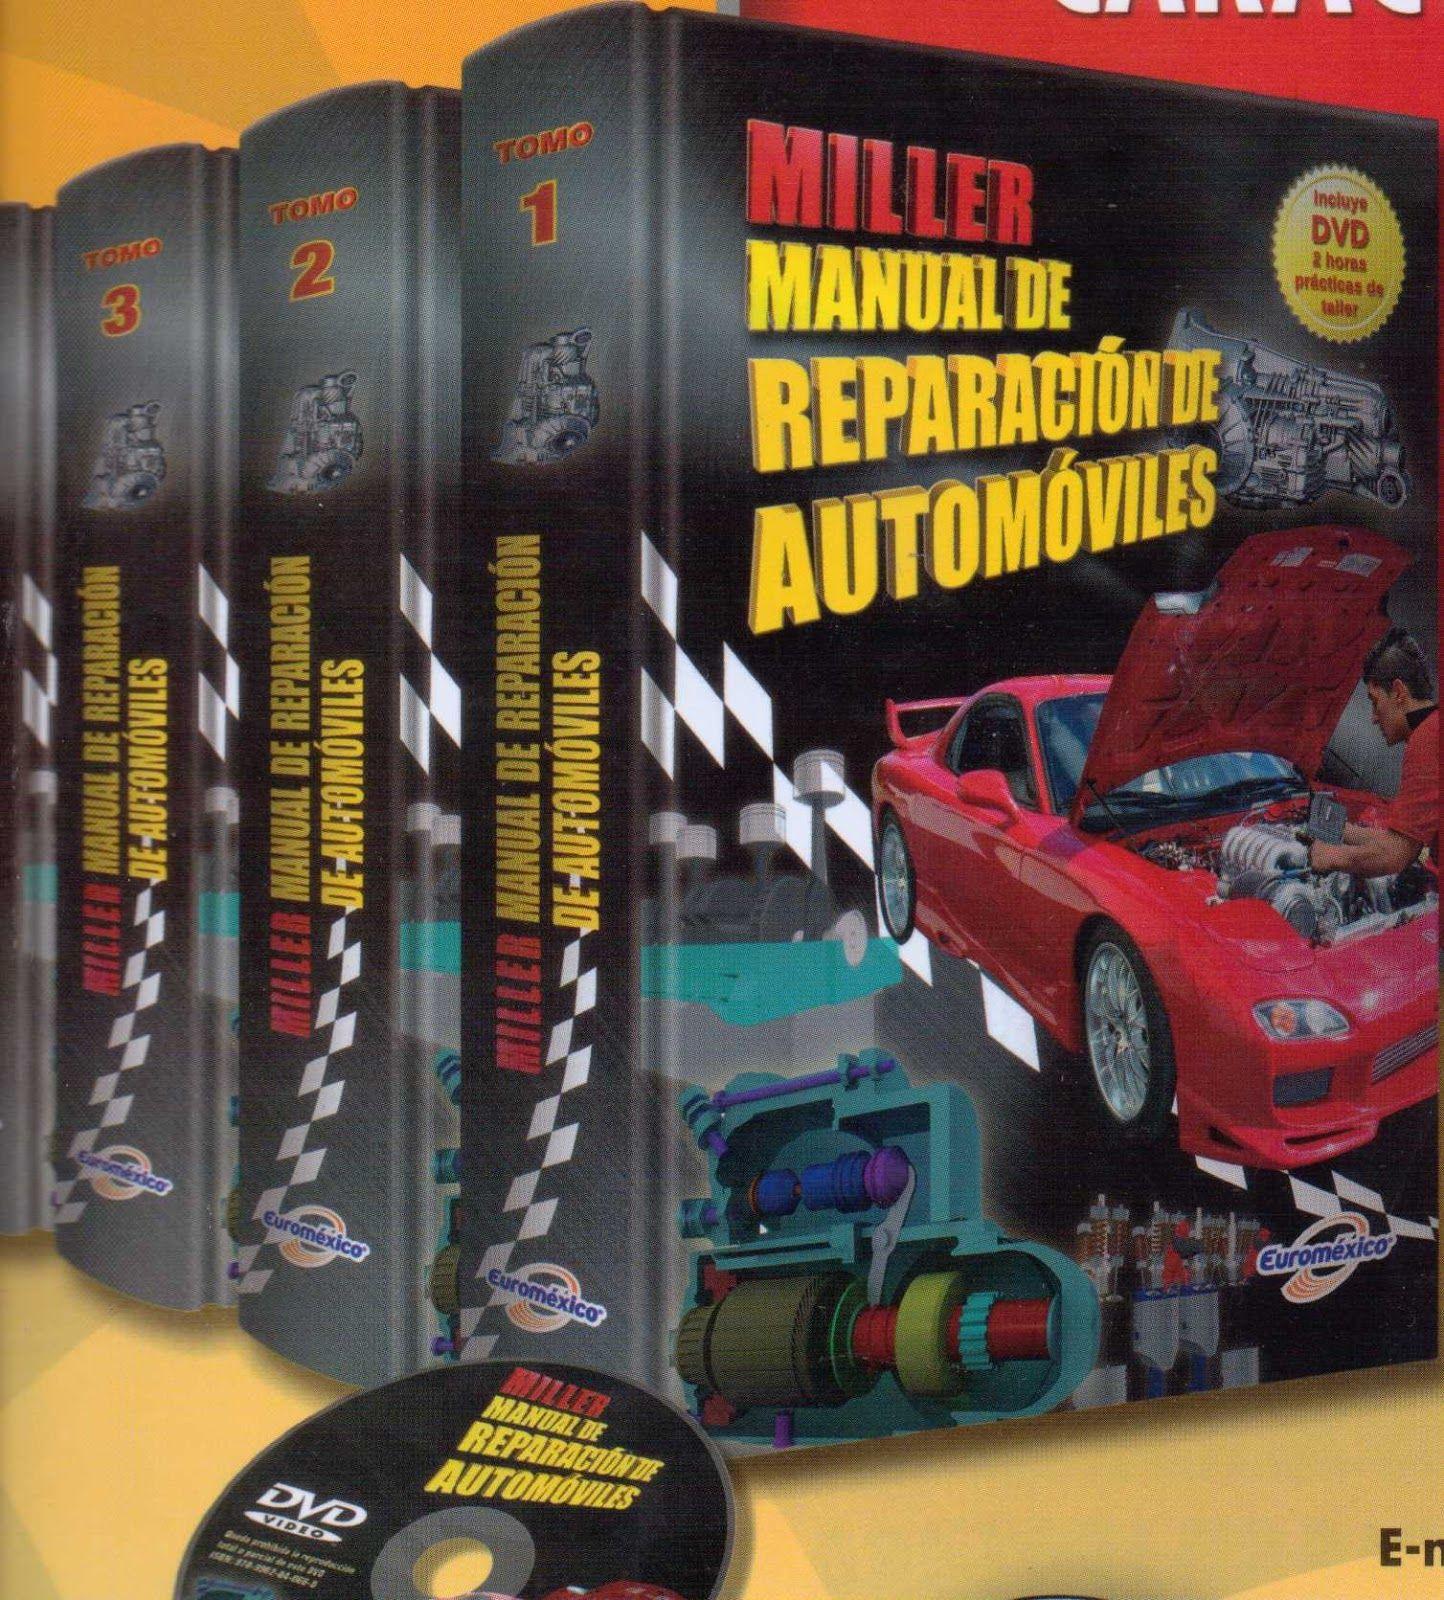 MANUAL DE REPARACIÓN DE AUTOMOVILES Miller Metrología